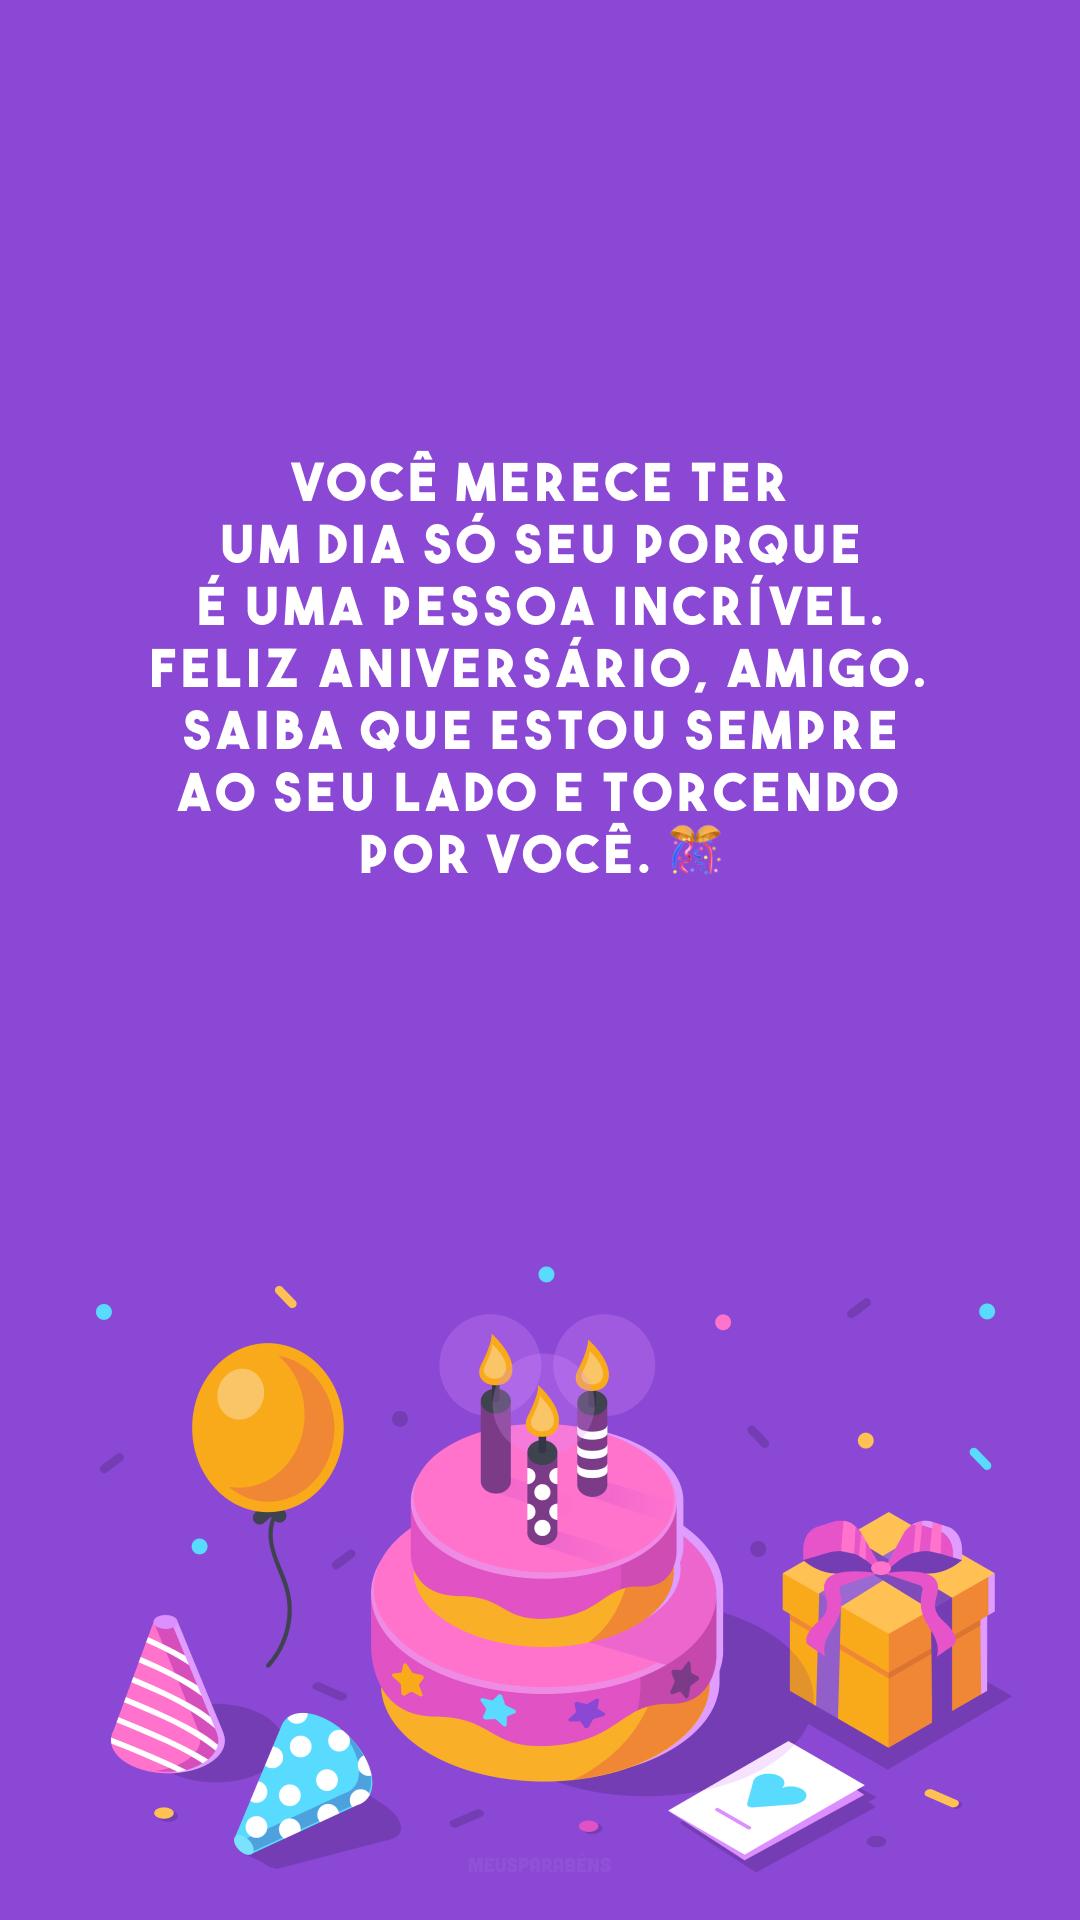 Você merece ter um dia só seu porque é uma pessoa incrível. Feliz aniversário, amigo. Saiba que estou sempre ao seu lado e torcendo por você. 🎊